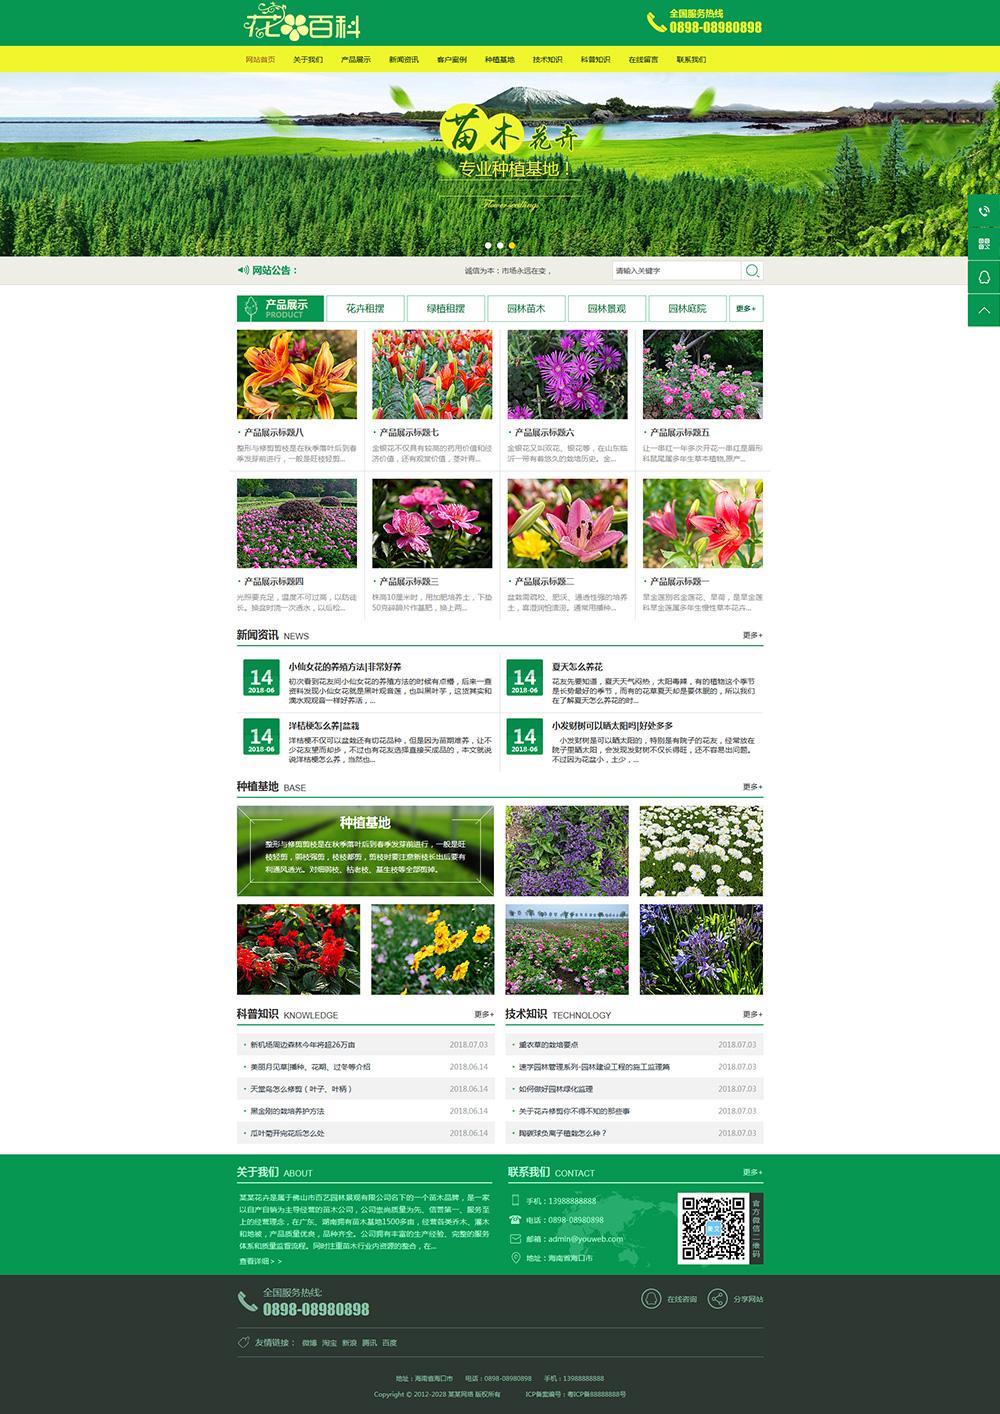 农业林业类企业花卉园艺种植采摘类网站模板